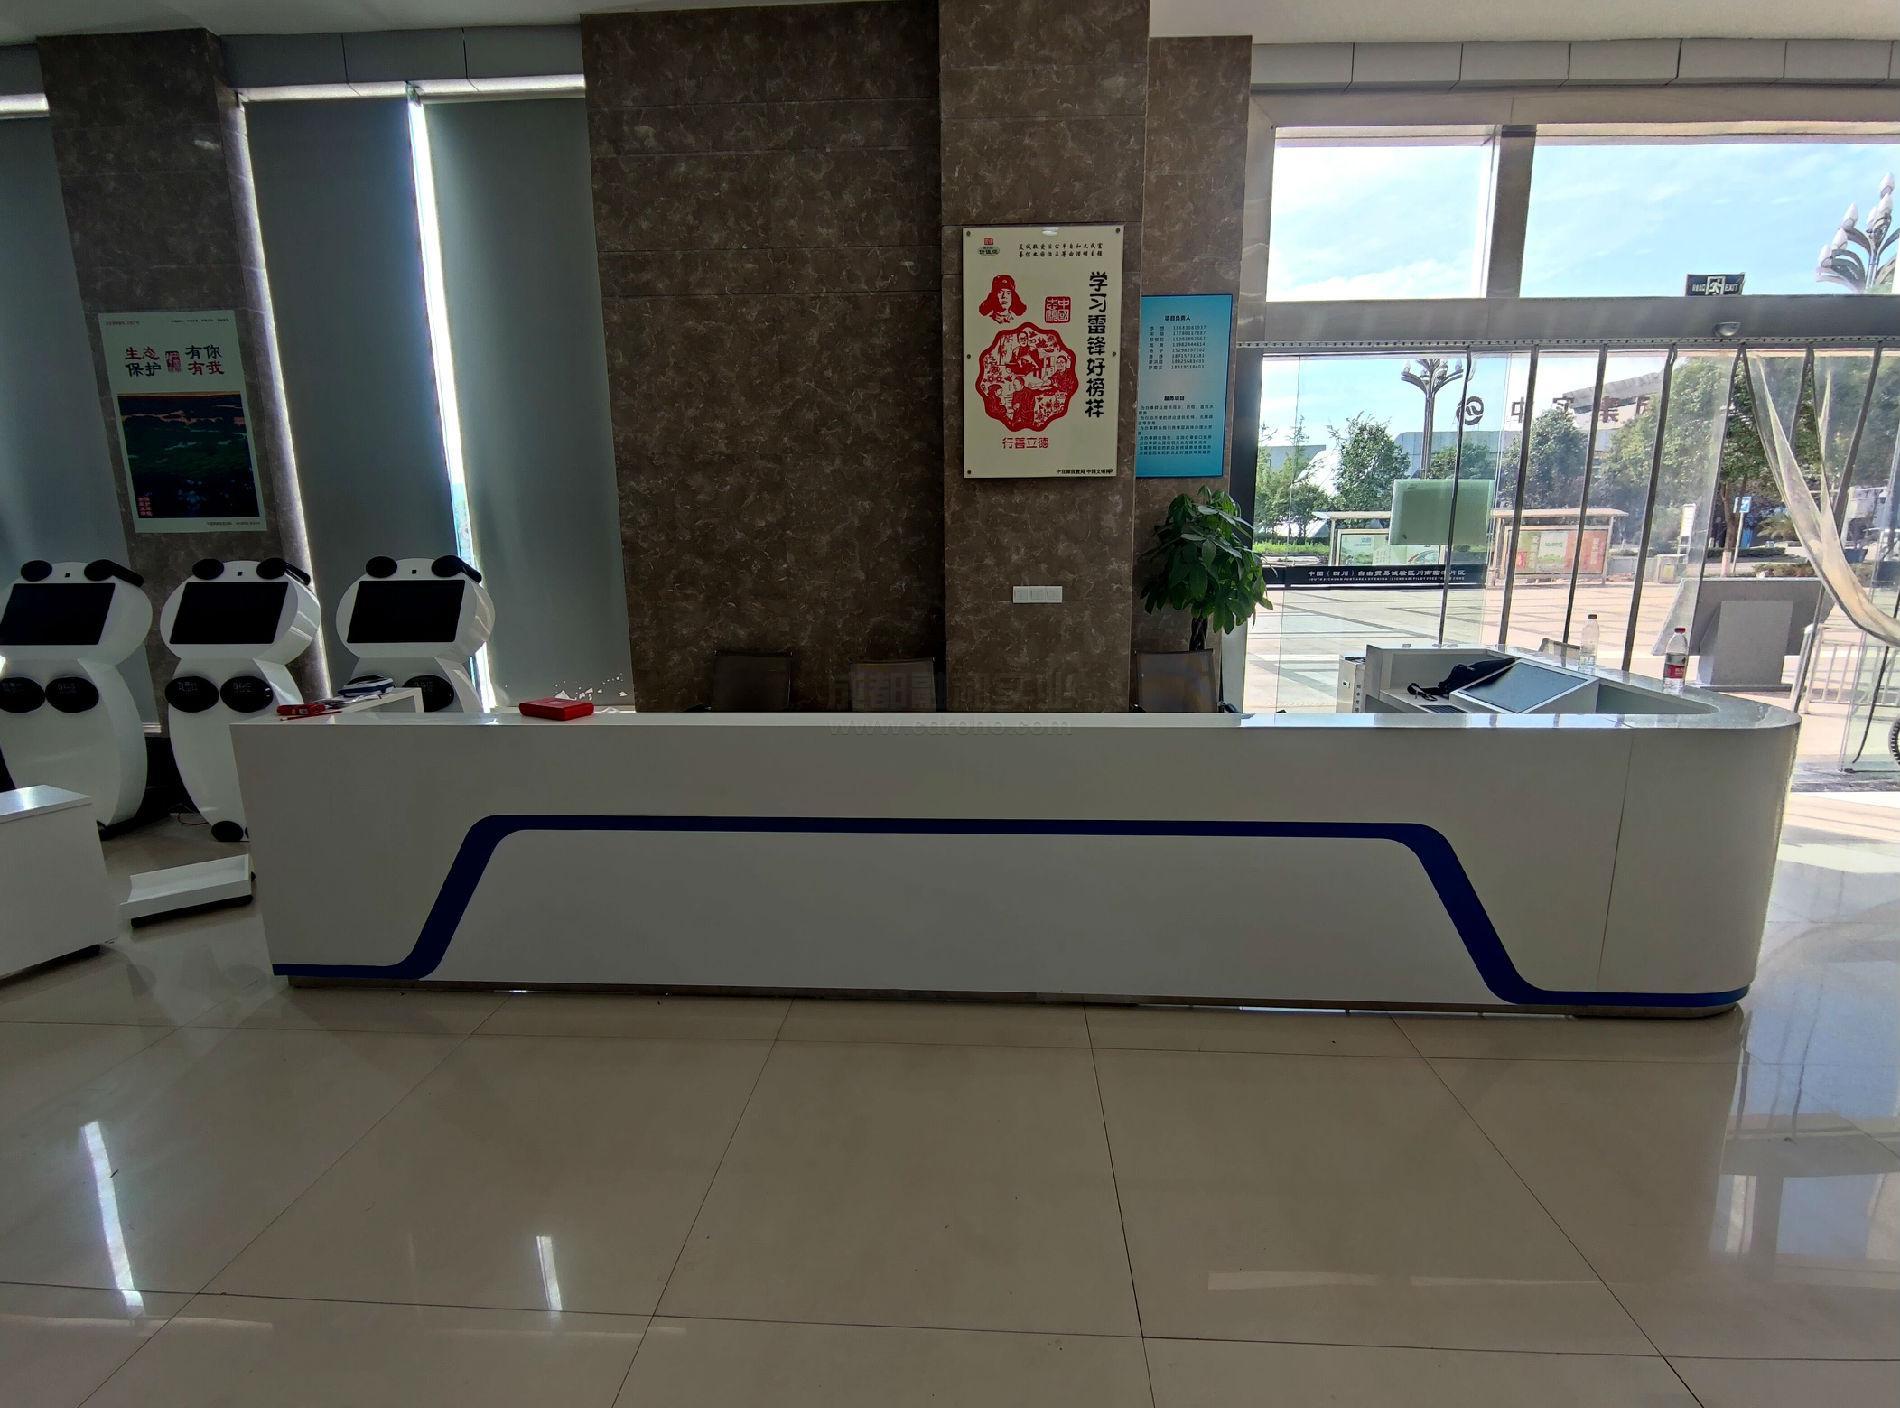 泸州市龙马潭智慧税务局前台填单系统安装配置